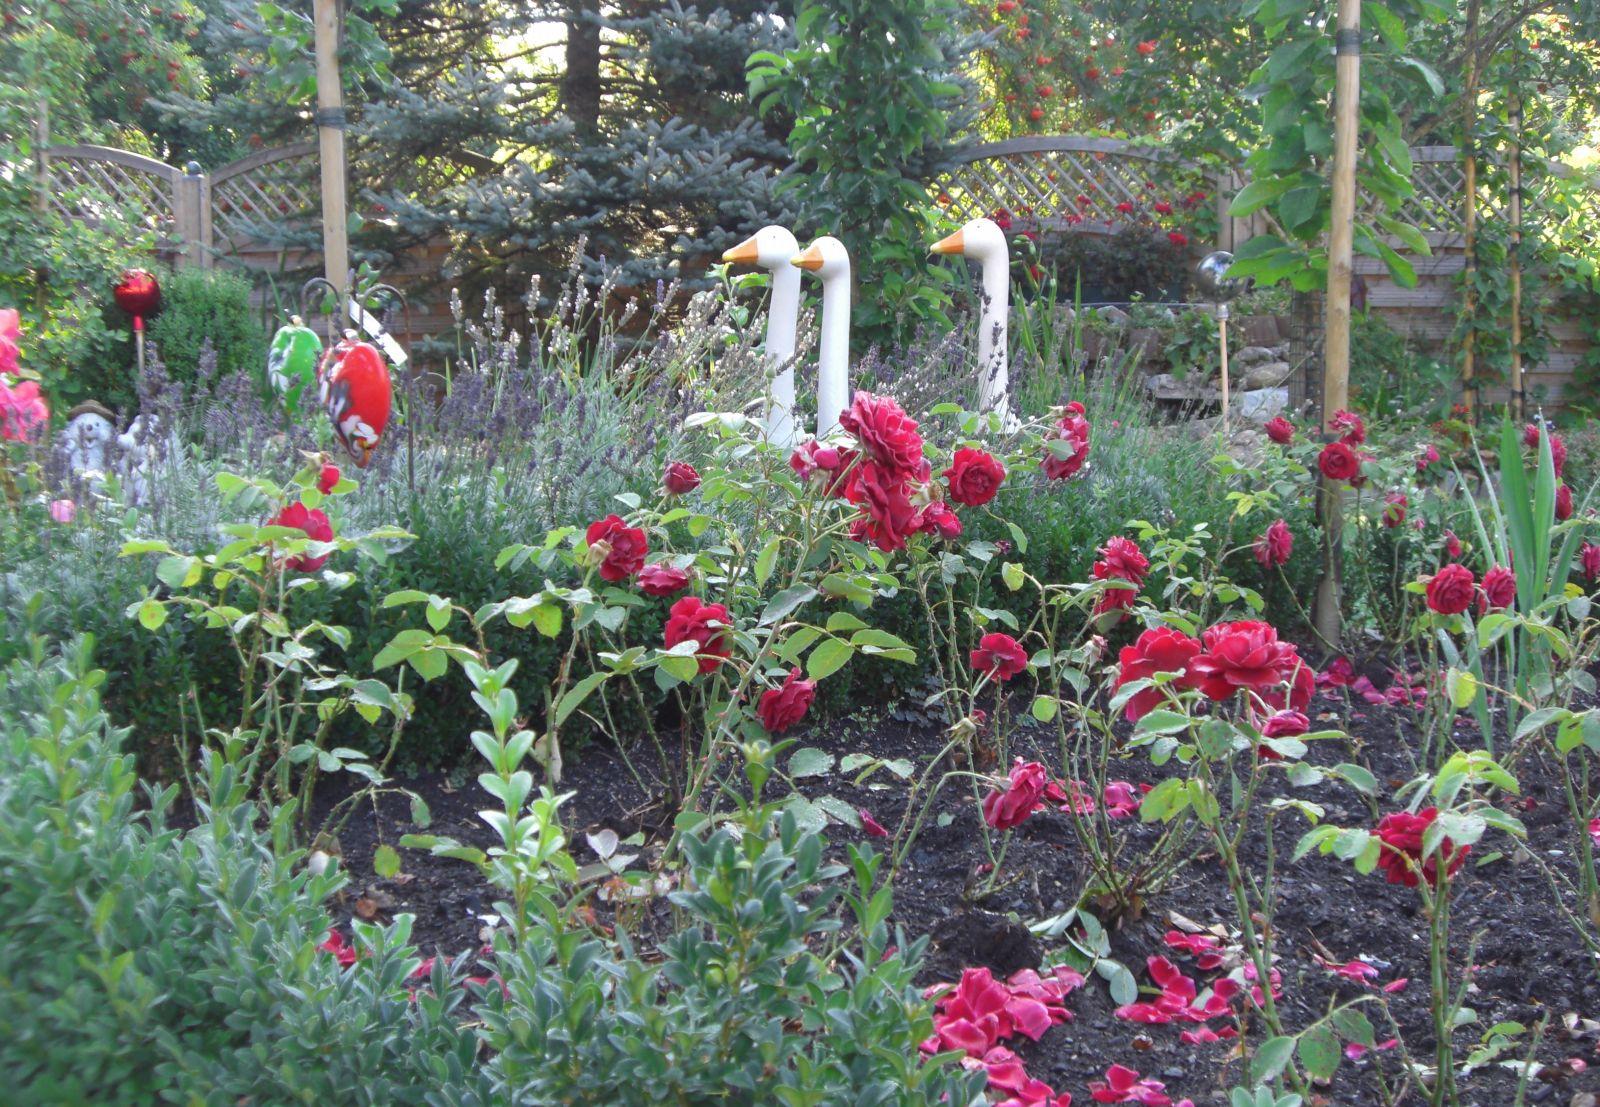 Garten bildergalerie - Schallschutz zum nachbarn im garten ...